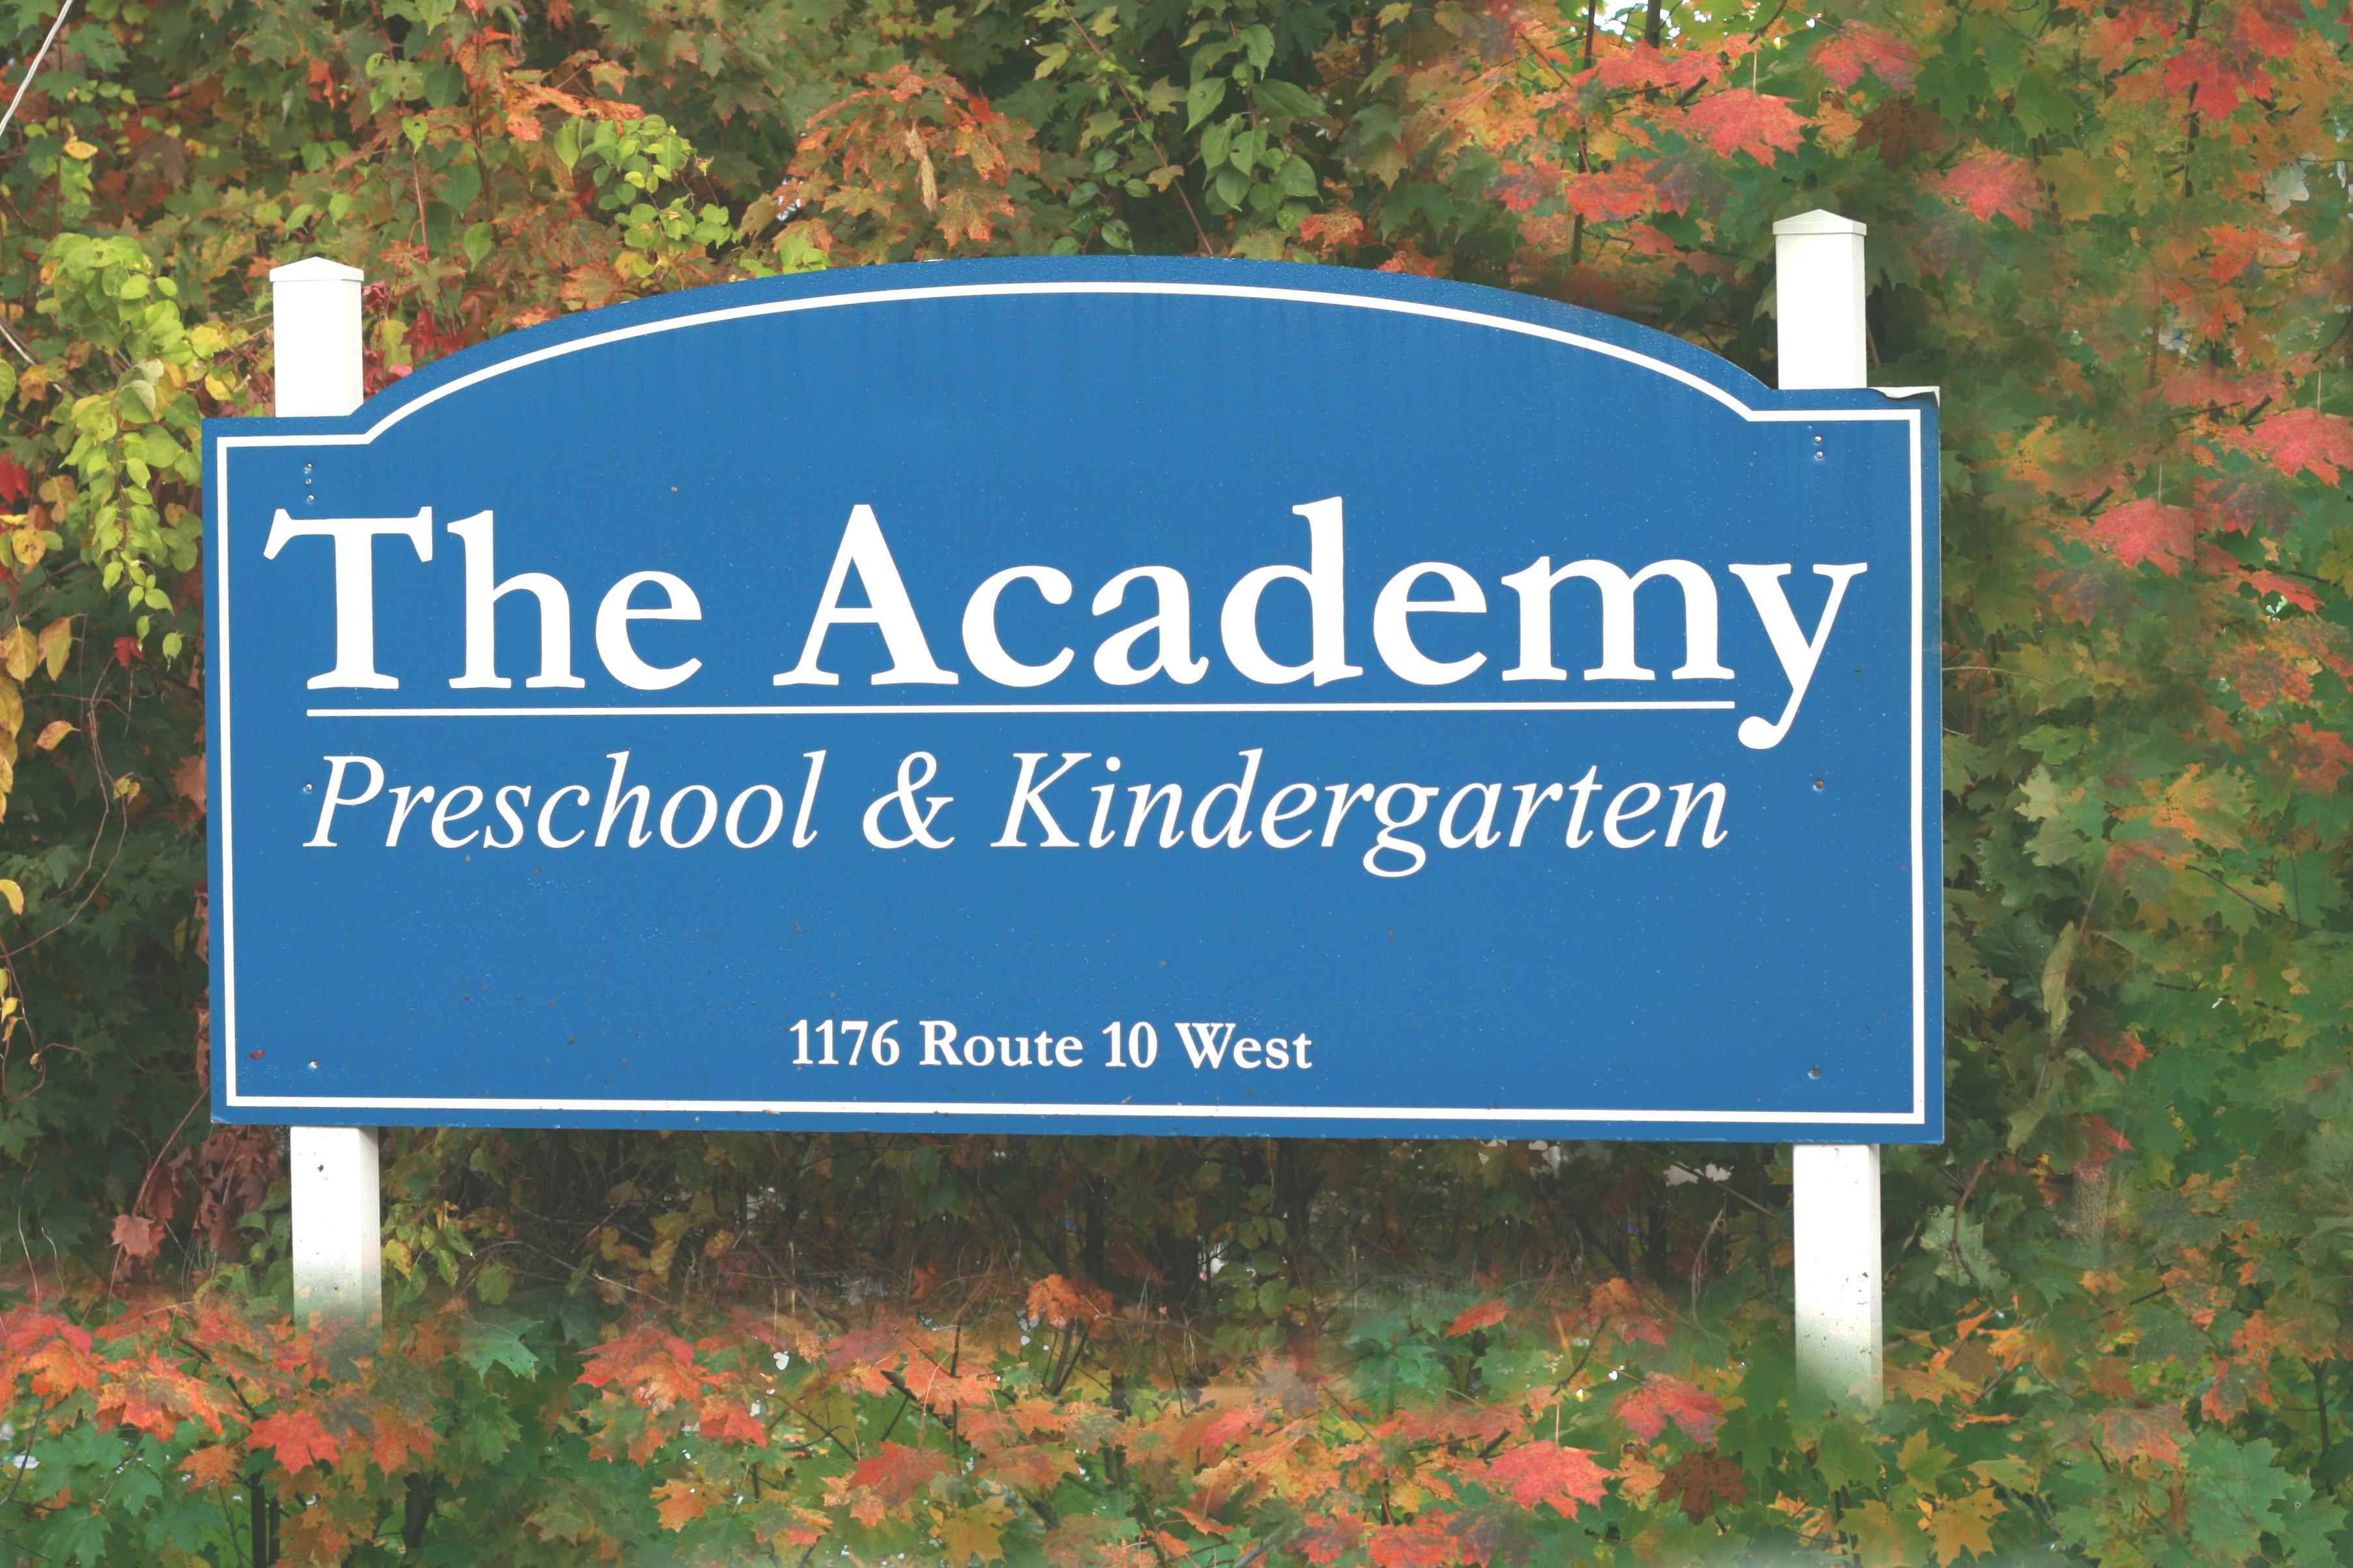 070064465271f2c7e180_The_Academy_Sign.JPG